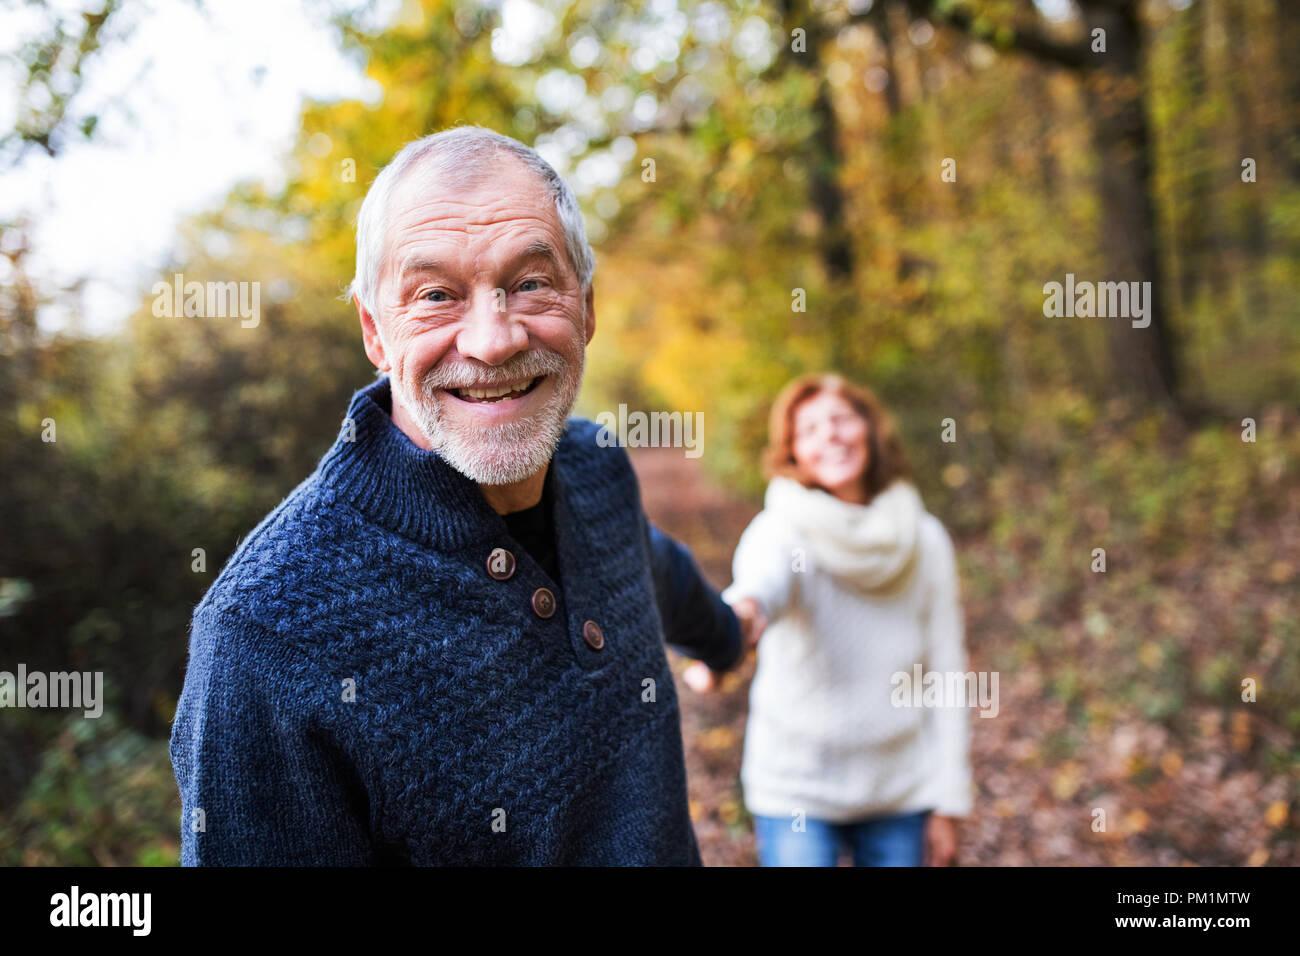 Un ritratto di una coppia senior passeggiate in una natura d'autunno. Immagini Stock